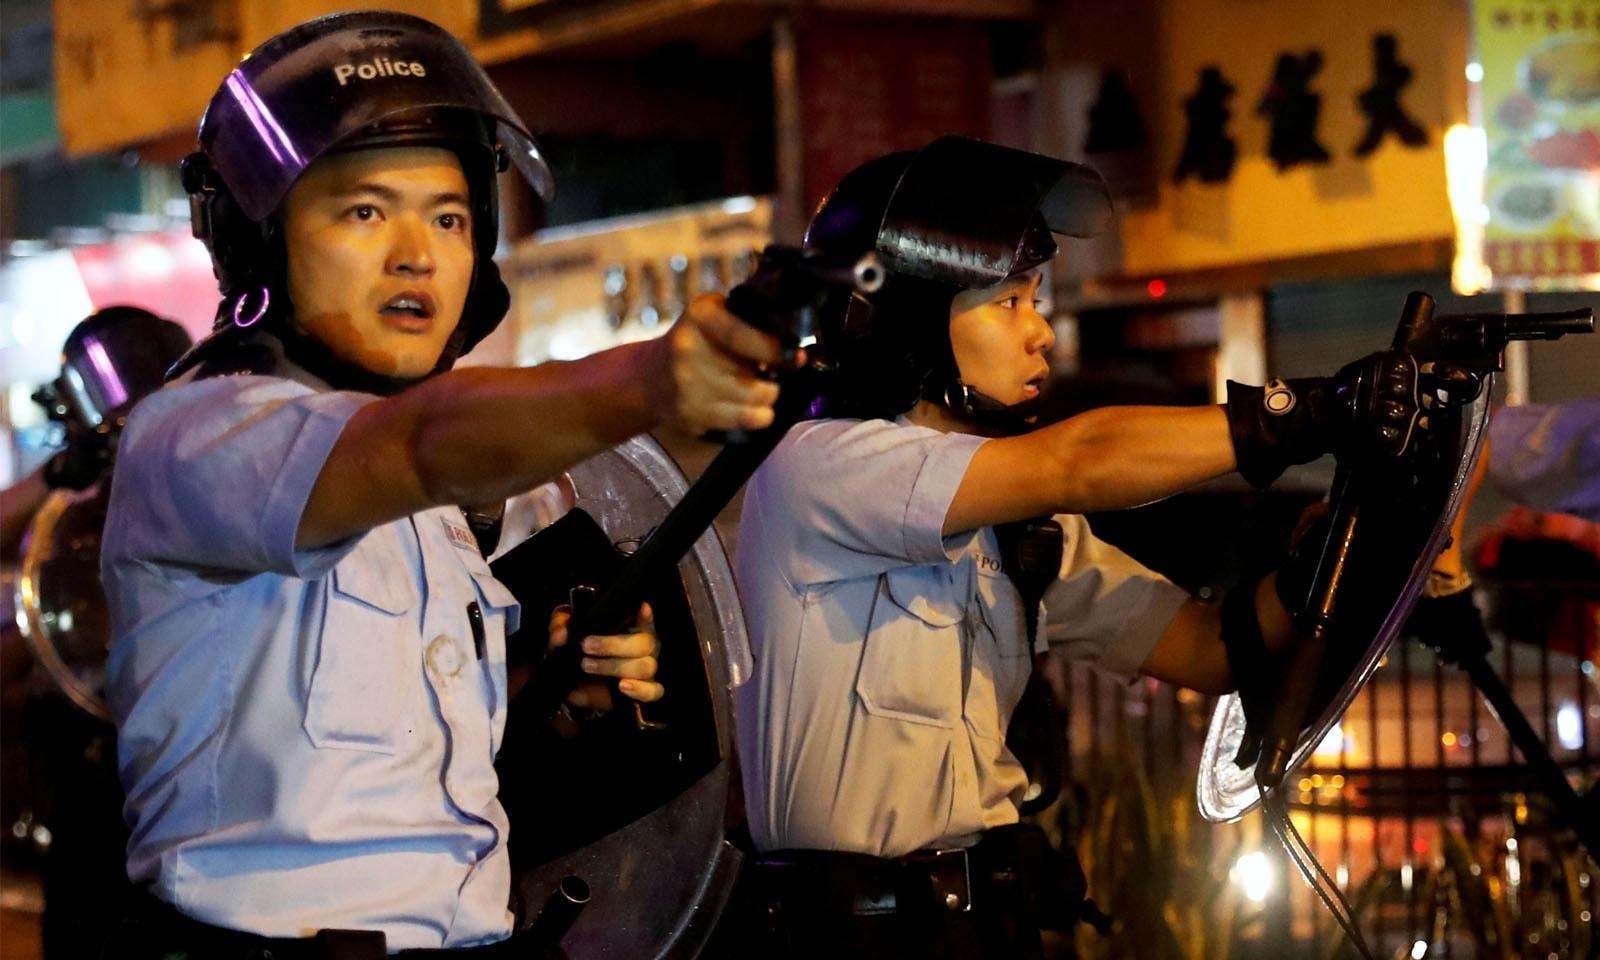 پولیس نے مظاہرین پر پہلی مرتبہ پستول تانی—فوٹو: رائٹرز